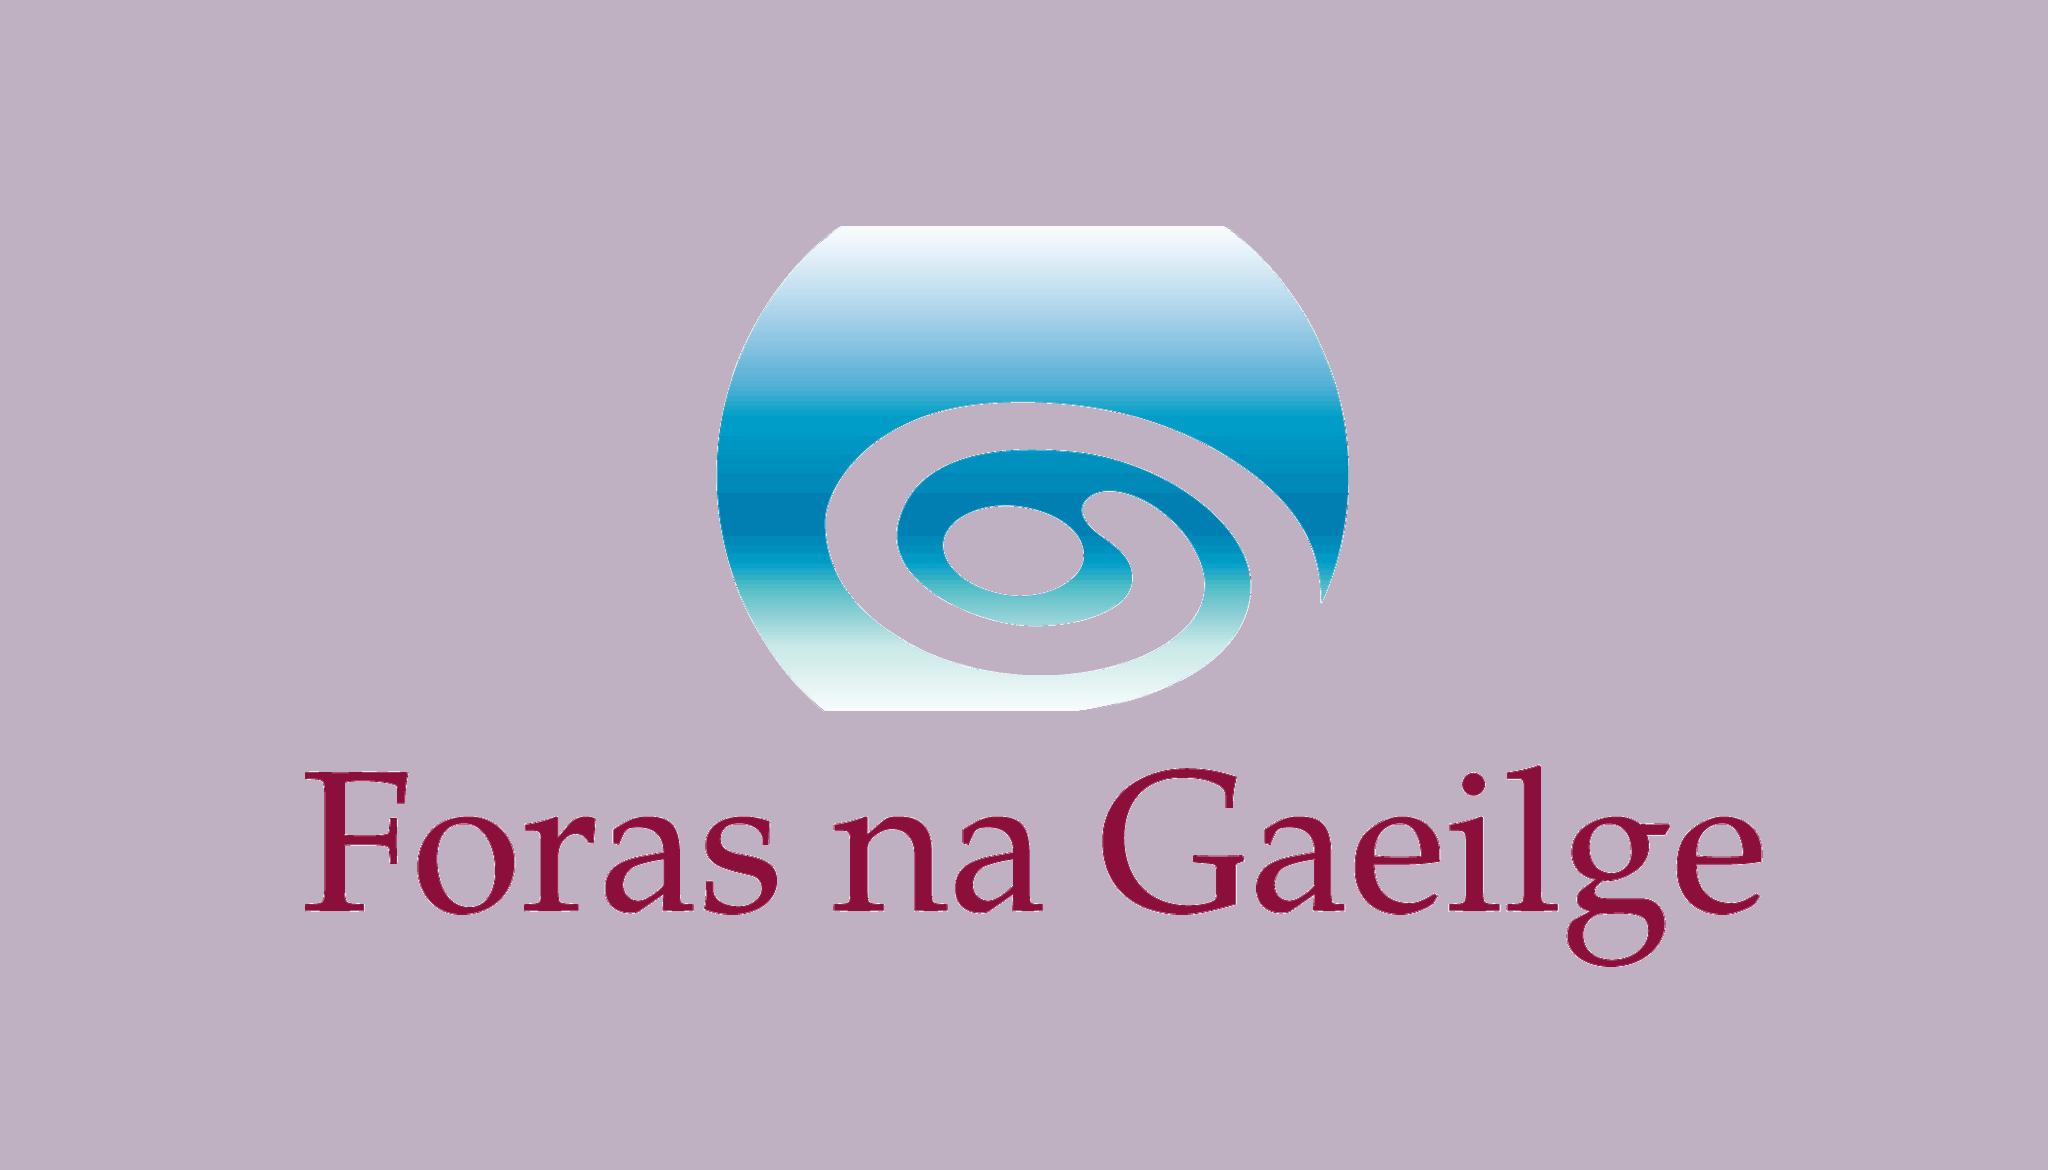 Foras na Gaeilge